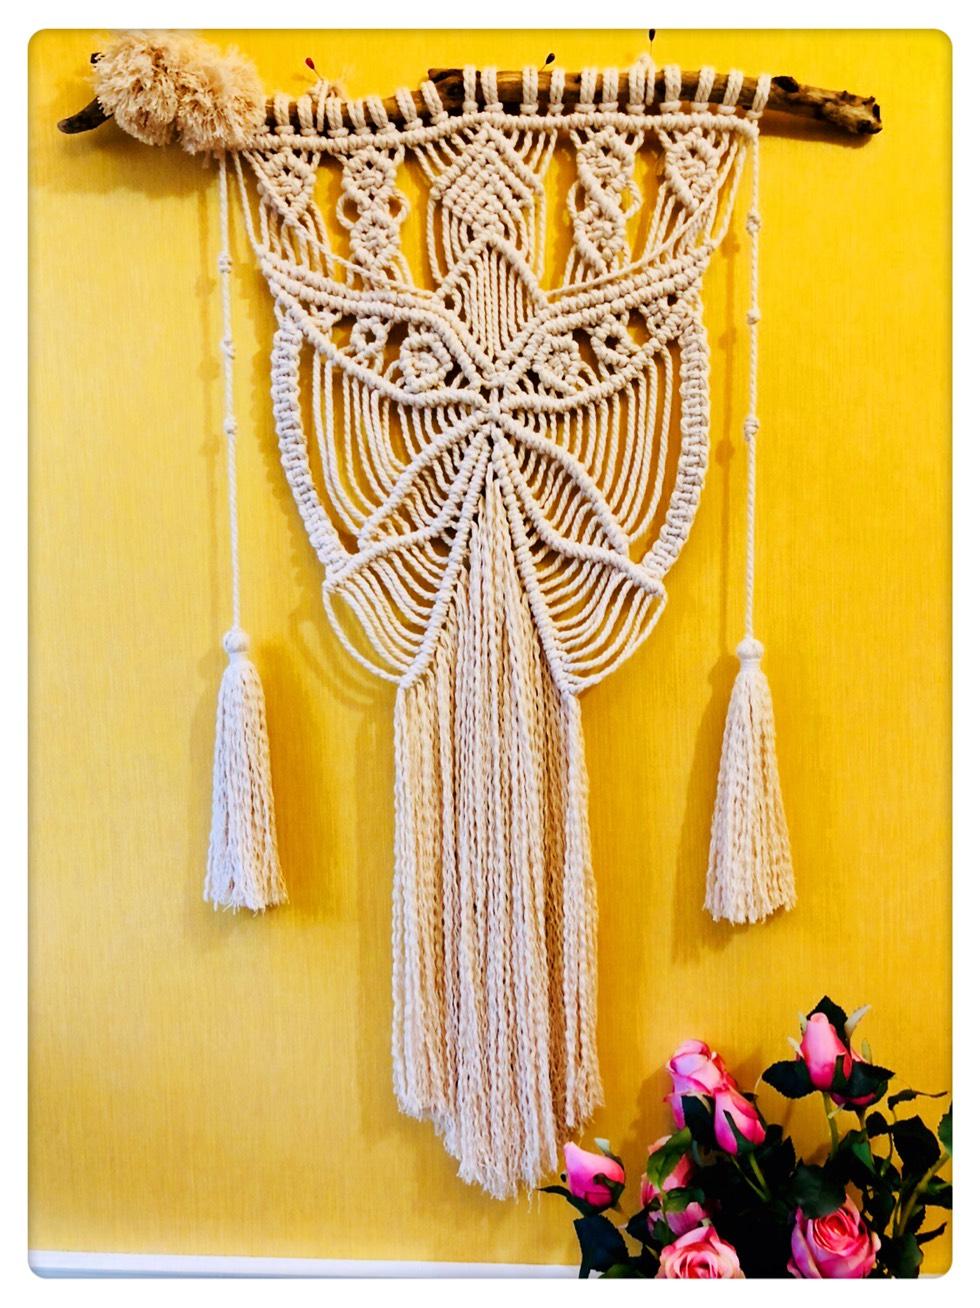 中国结论坛 棉线挂饰 挂饰,一根绳子编法大全简单,用绳子编钥匙扣怎么编,棉线壁挂编织的图片,用大力马线做棉线结 图文教程区 235017d558nesuqrr2xhuu